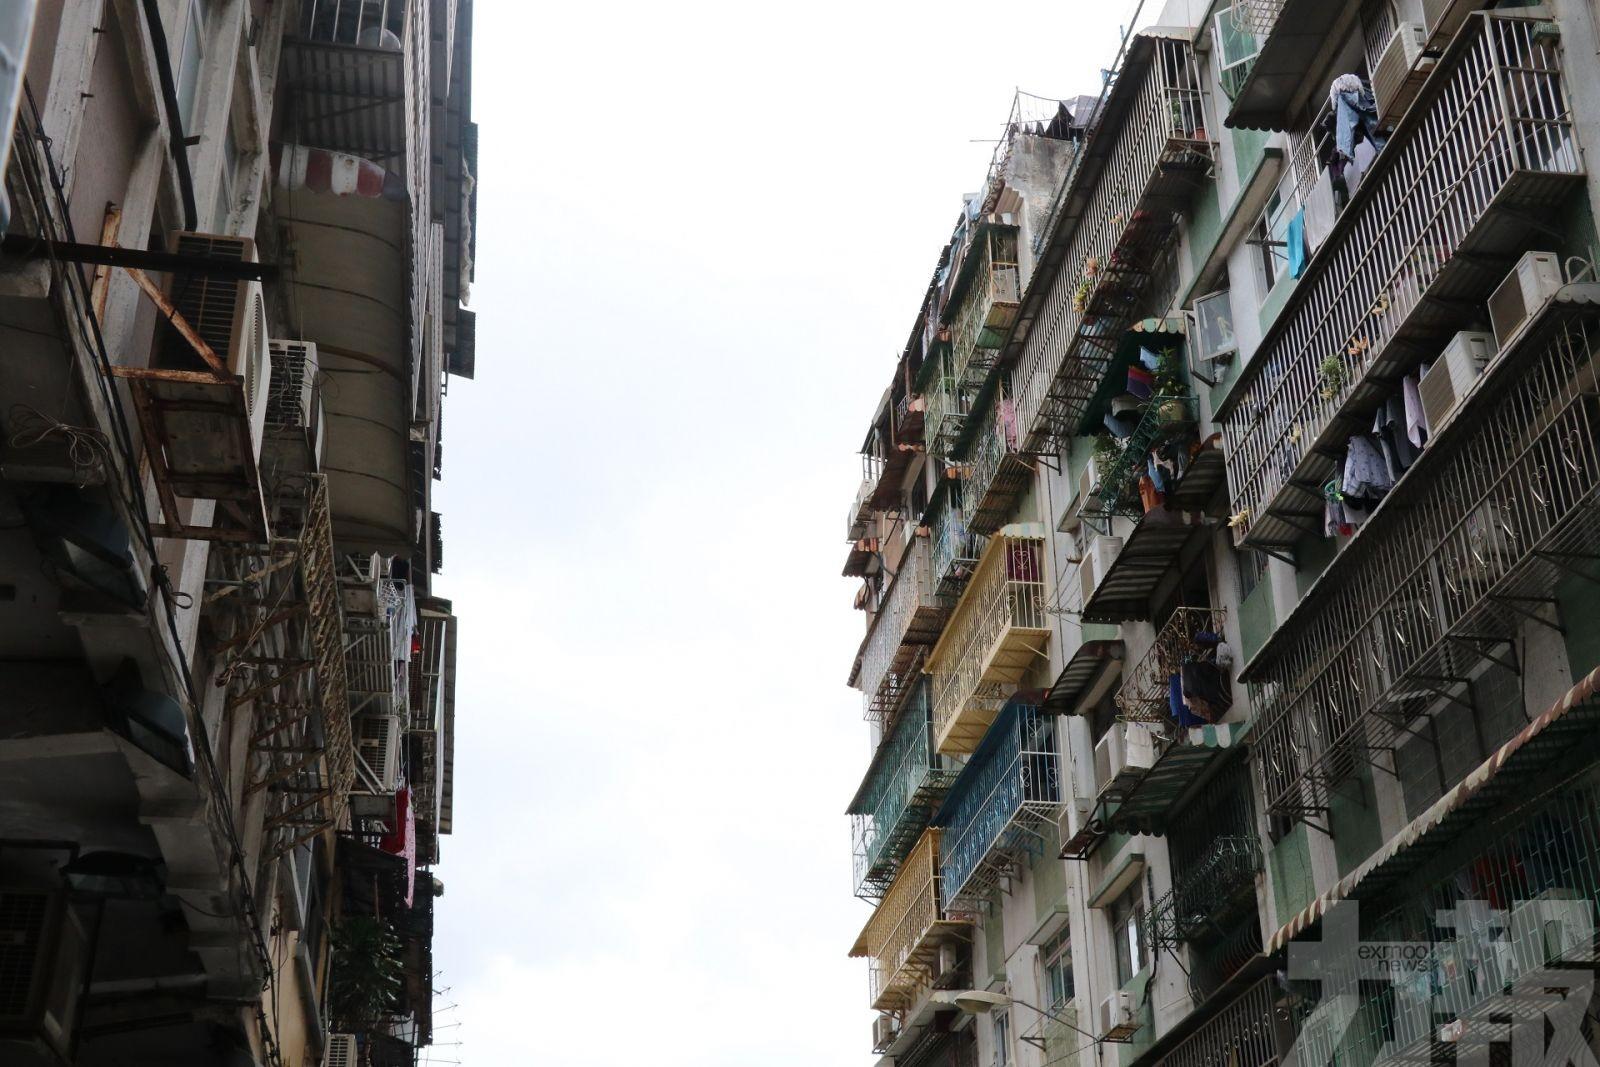 街總倡修法促滲漏源正視問題